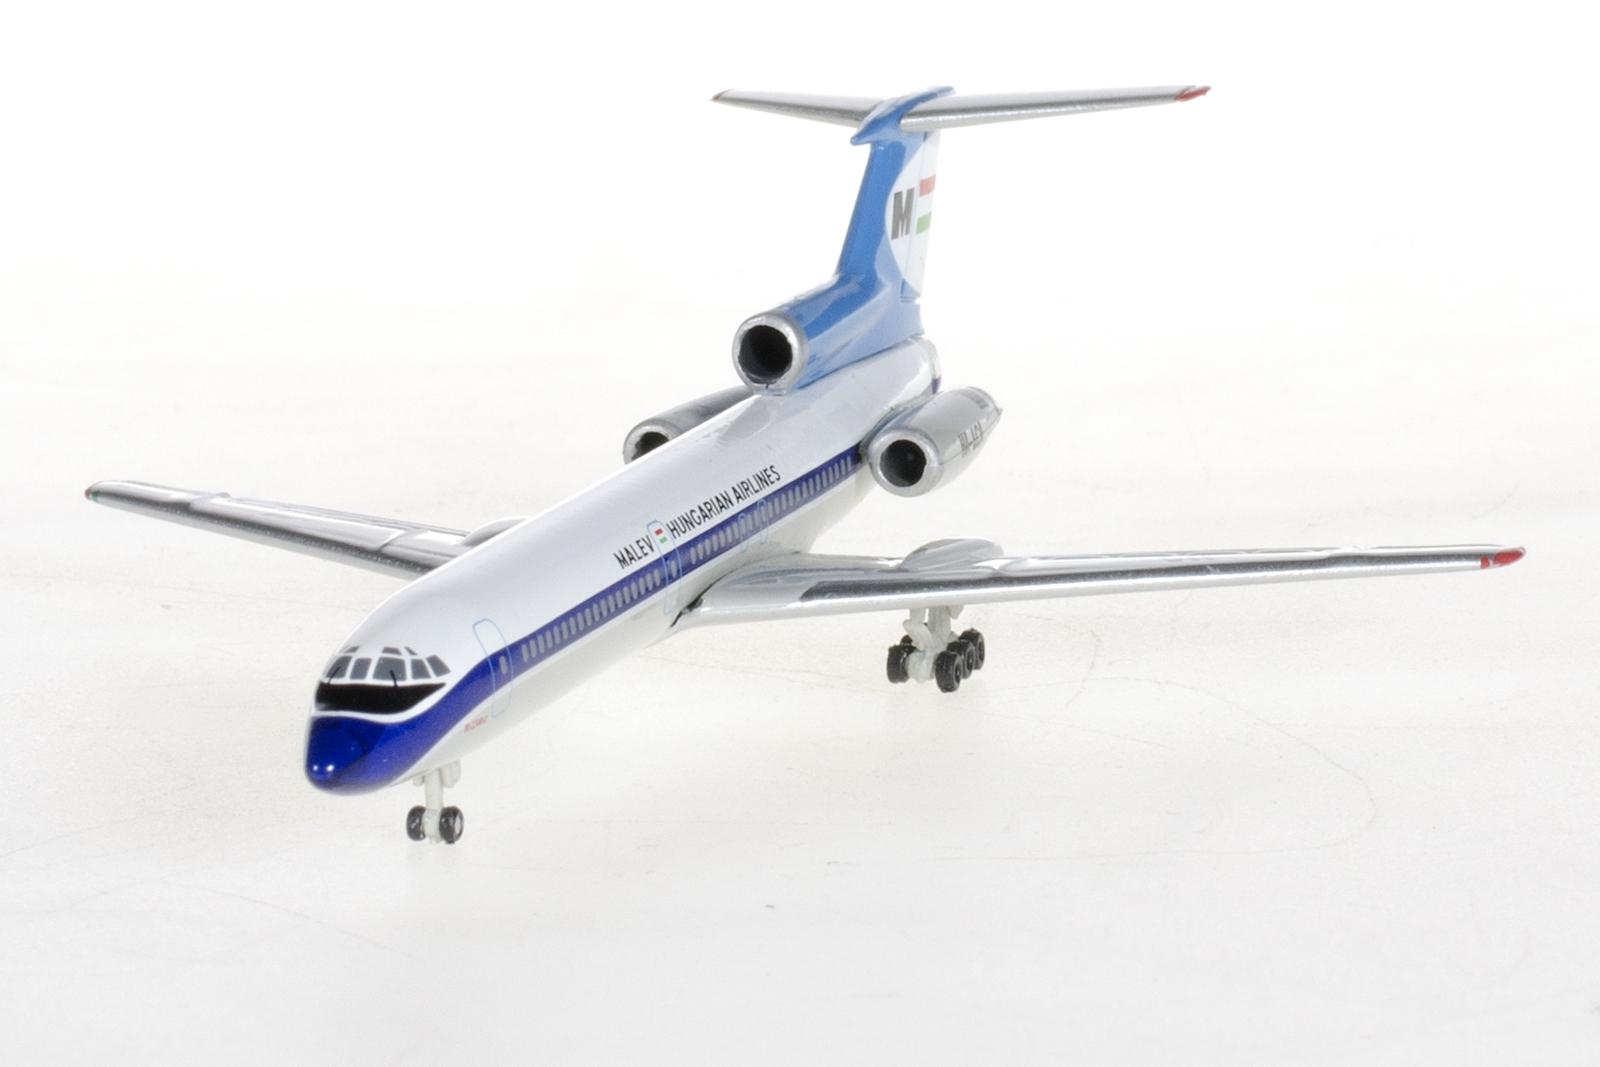 A Herpa-féle 1:500-as Malév Tu-154-es gyártó által ajánlott kereskedelmi ára 25 euro. (Fotó: Herpa Wings) | © AIRportal.hu